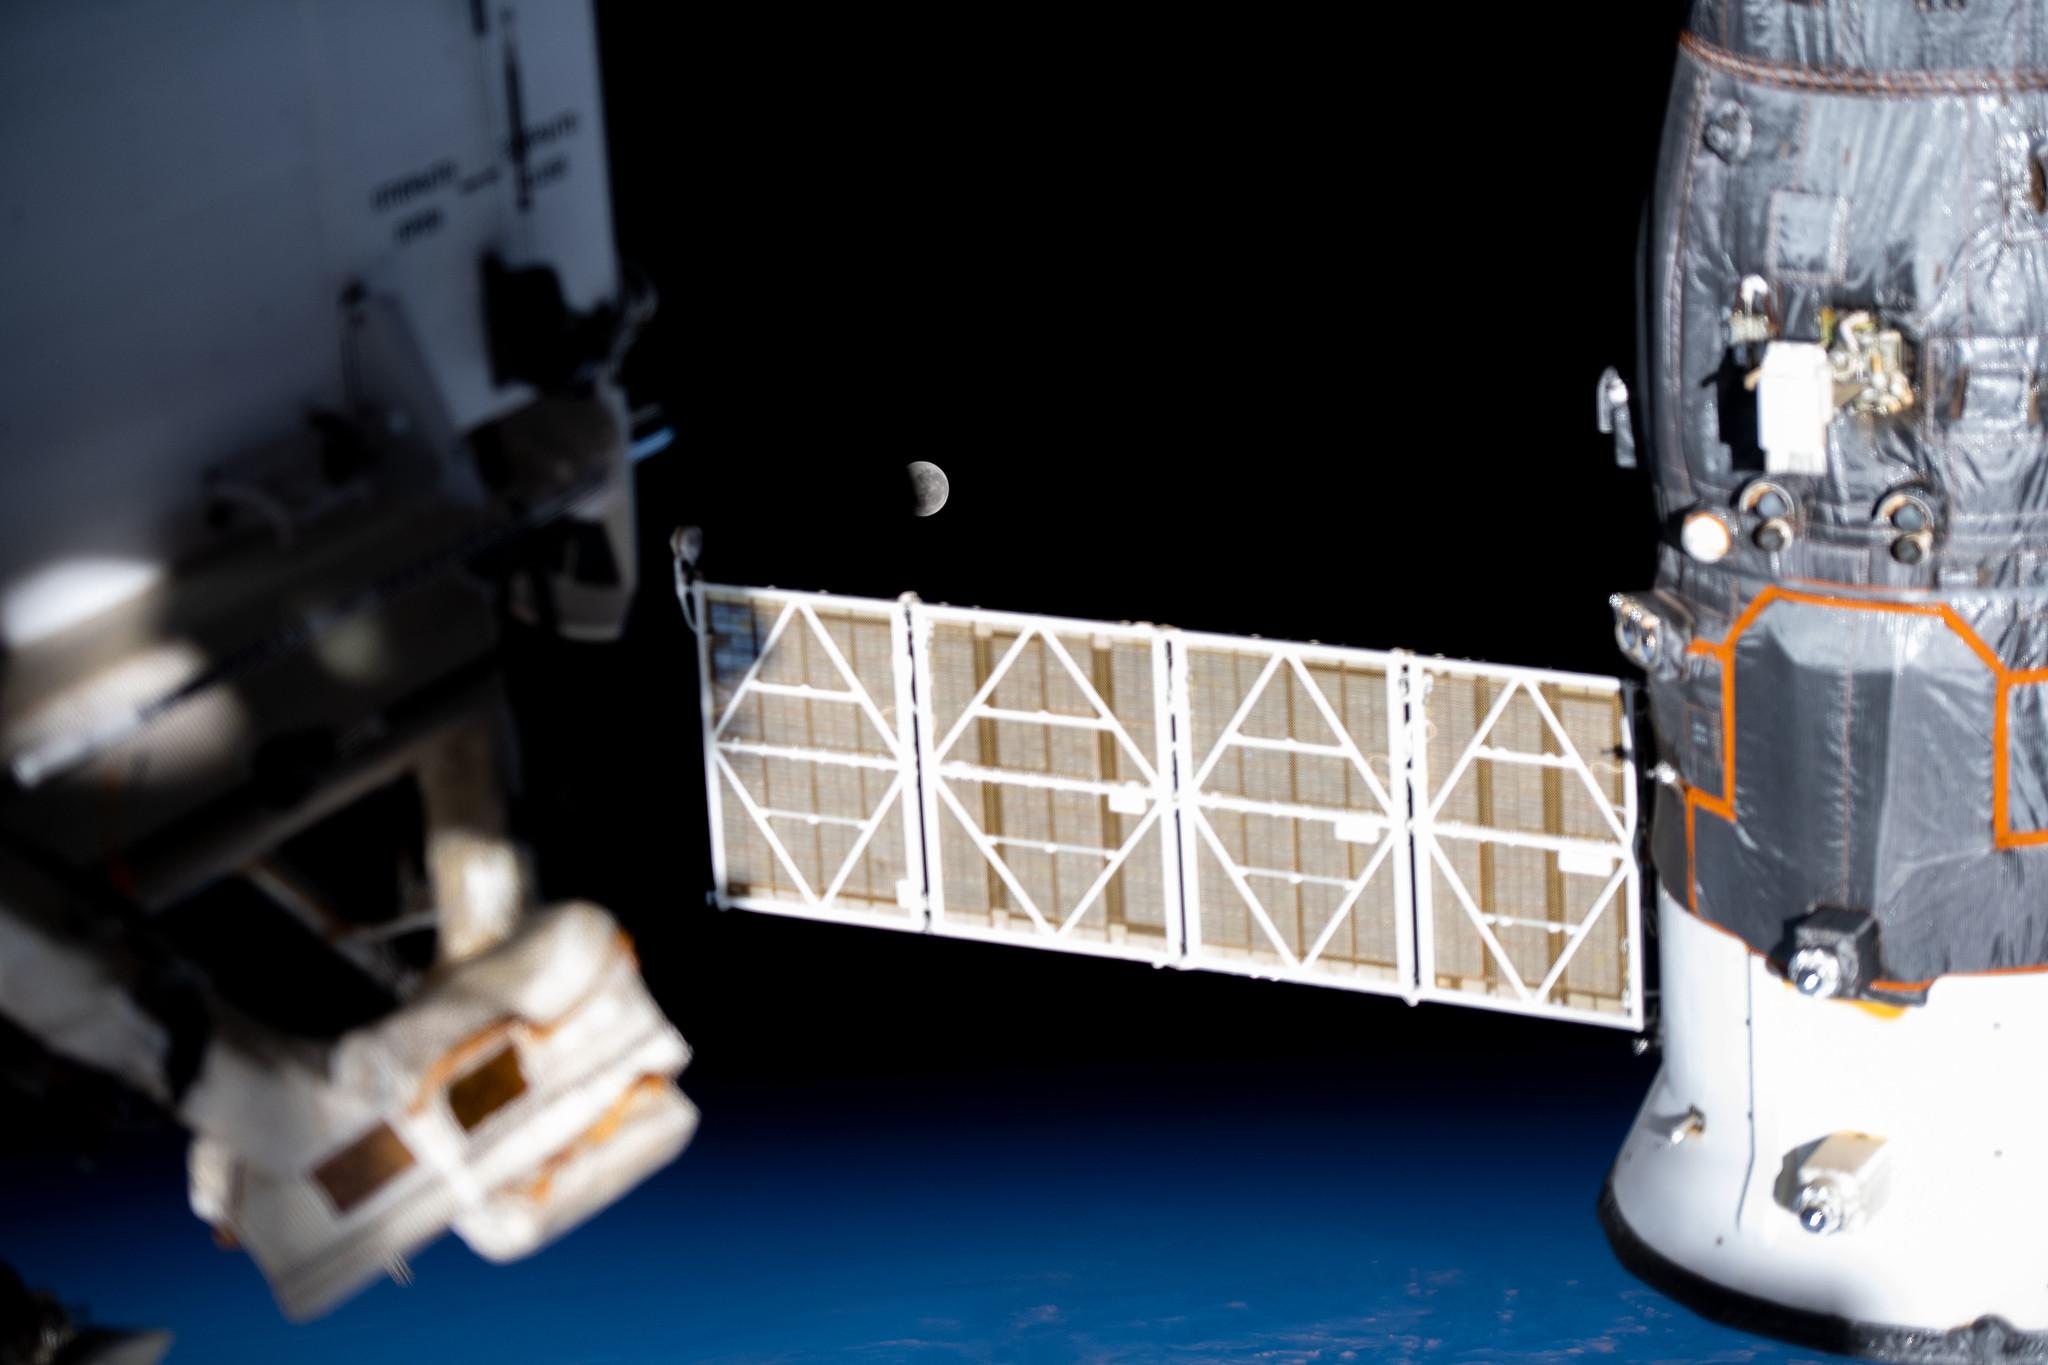 Une vue d'une éclipse lunaire partielle vue depuis la Station spatiale internationale, le 26 mai 2021.